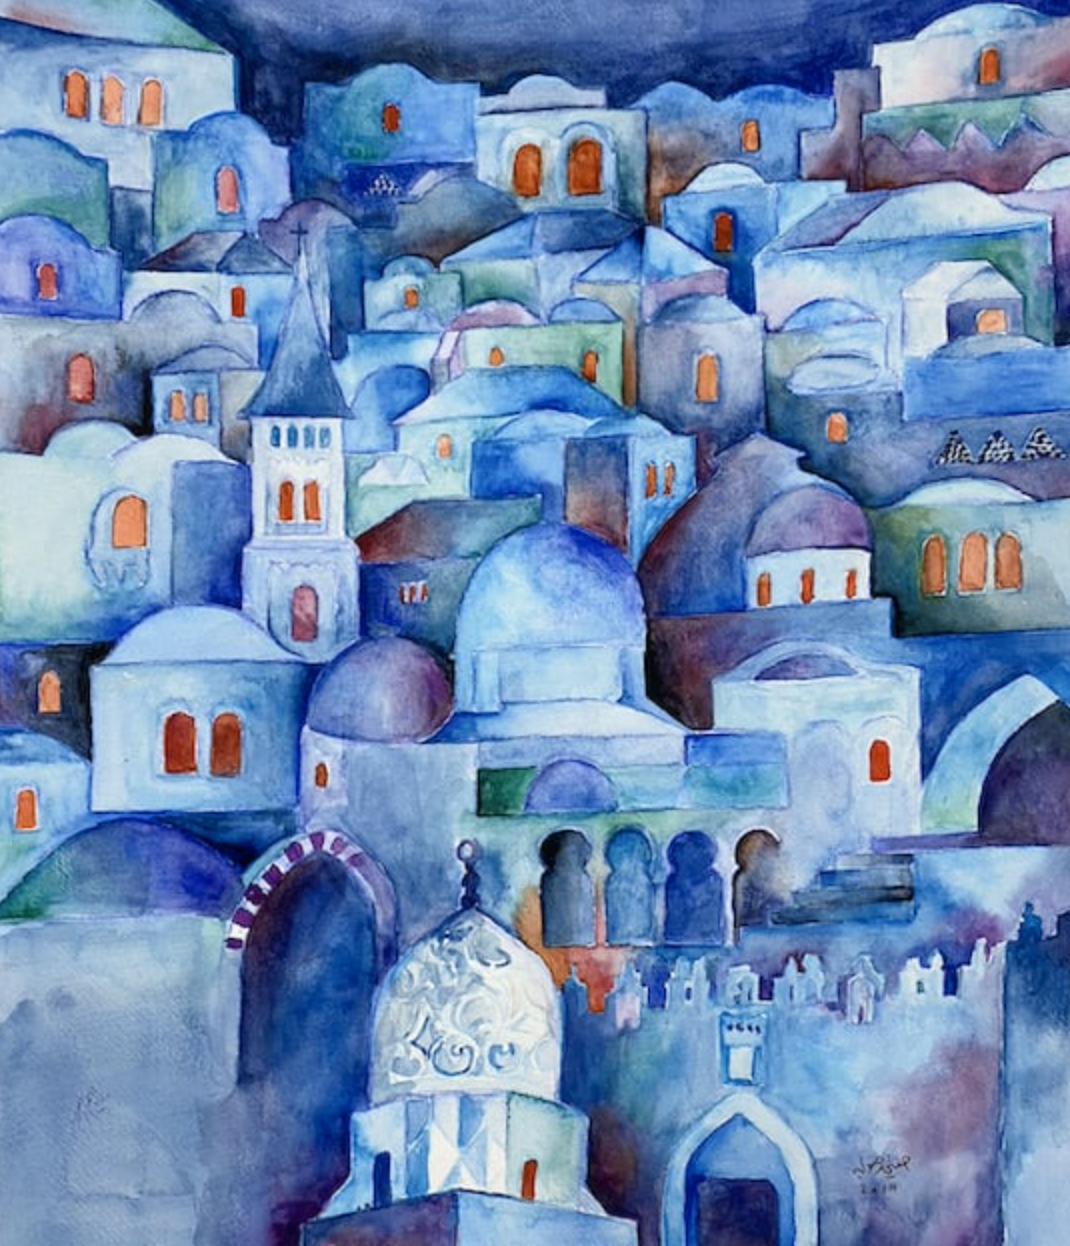 العزلة التي كسرتْ غزلتَنا...الواقع الثقافي في غزة بعد عام من الجائحة